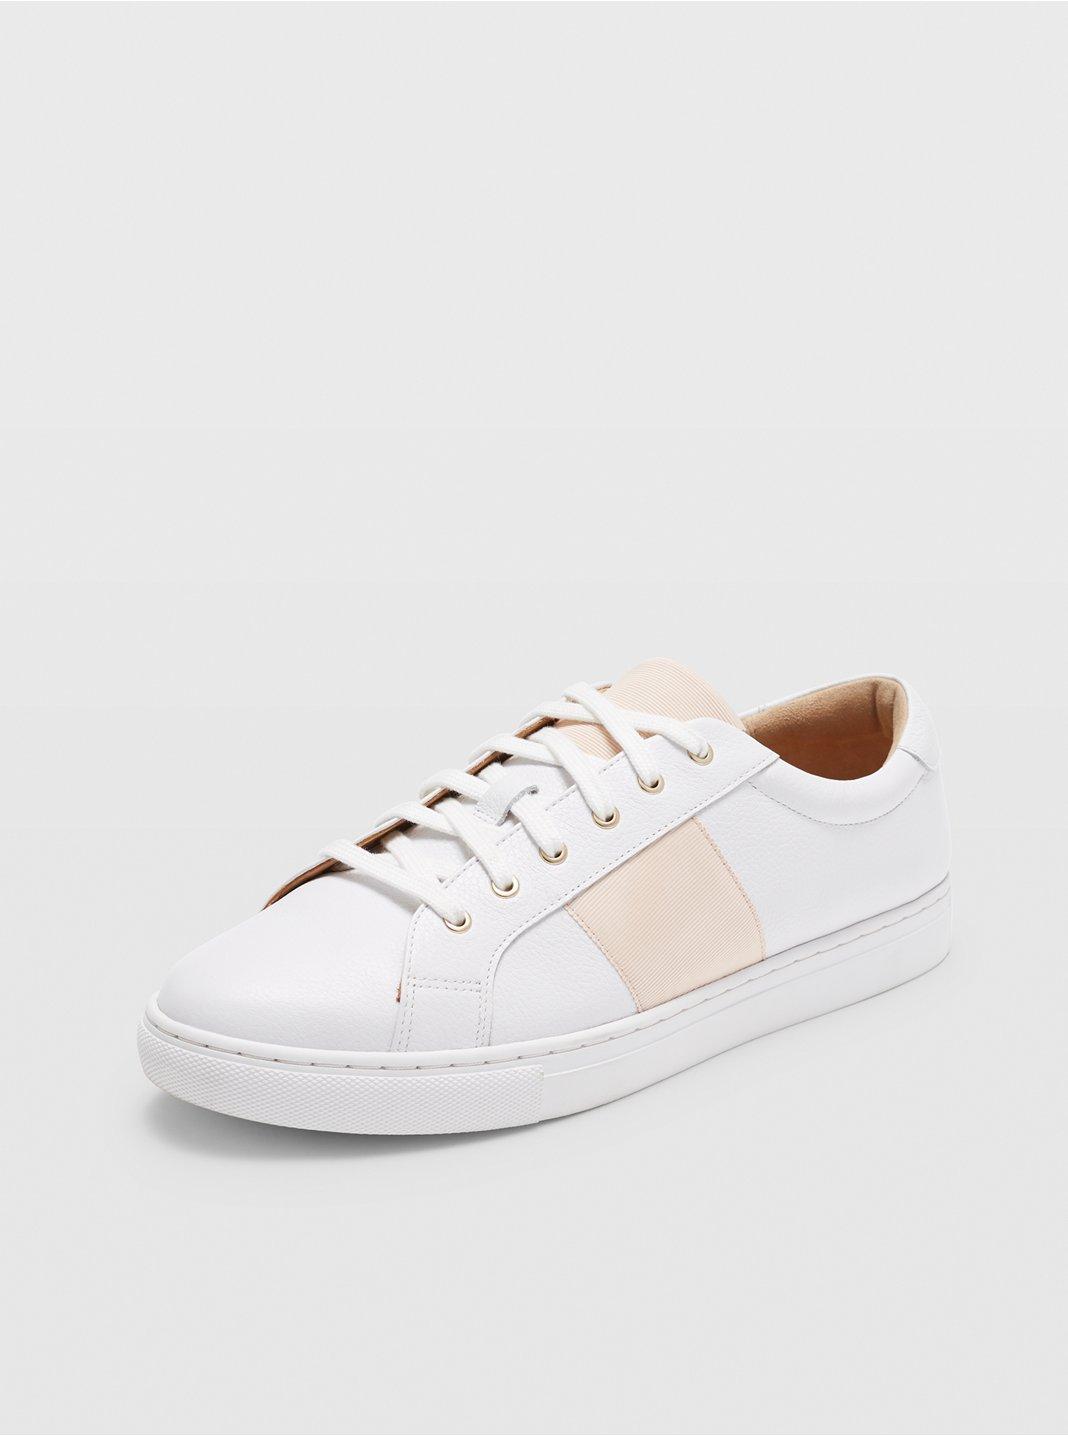 Jowenna Leather Sneaker